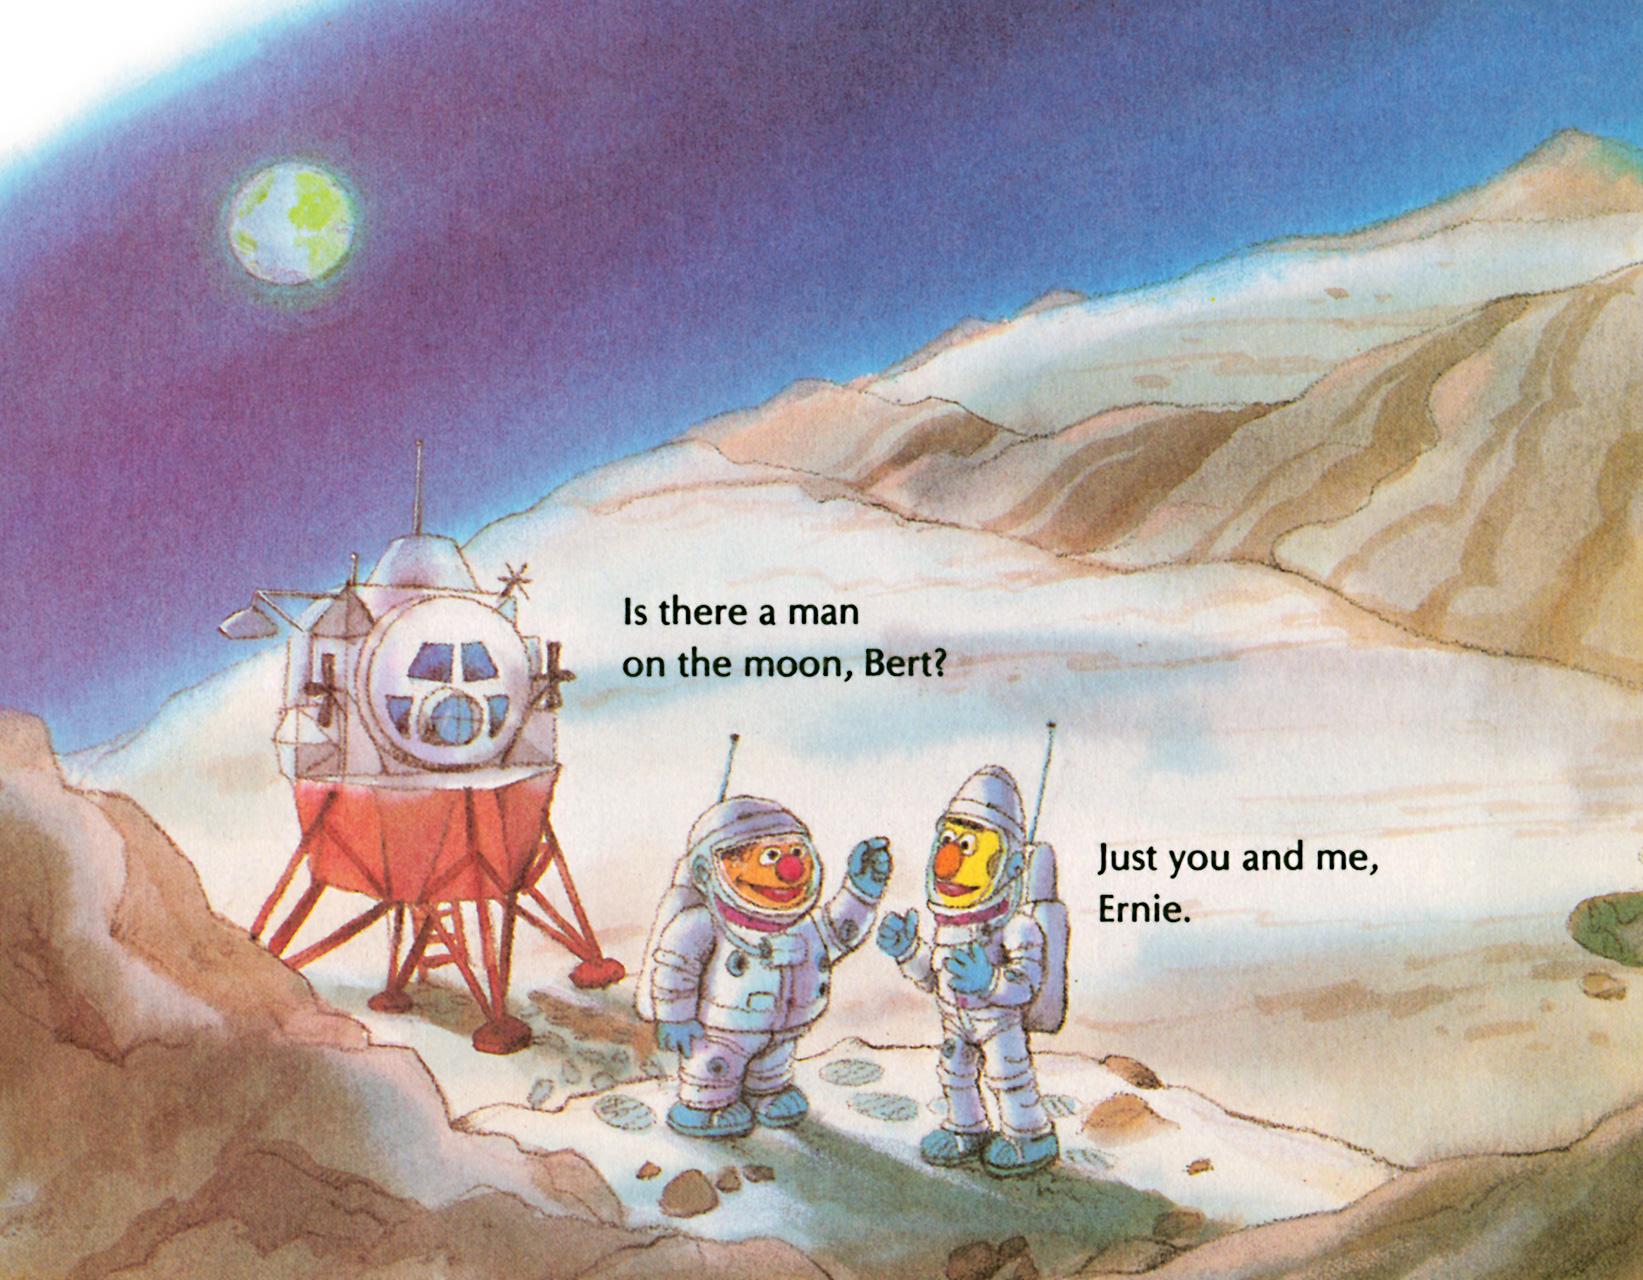 File:Moon.erniebert.jpg